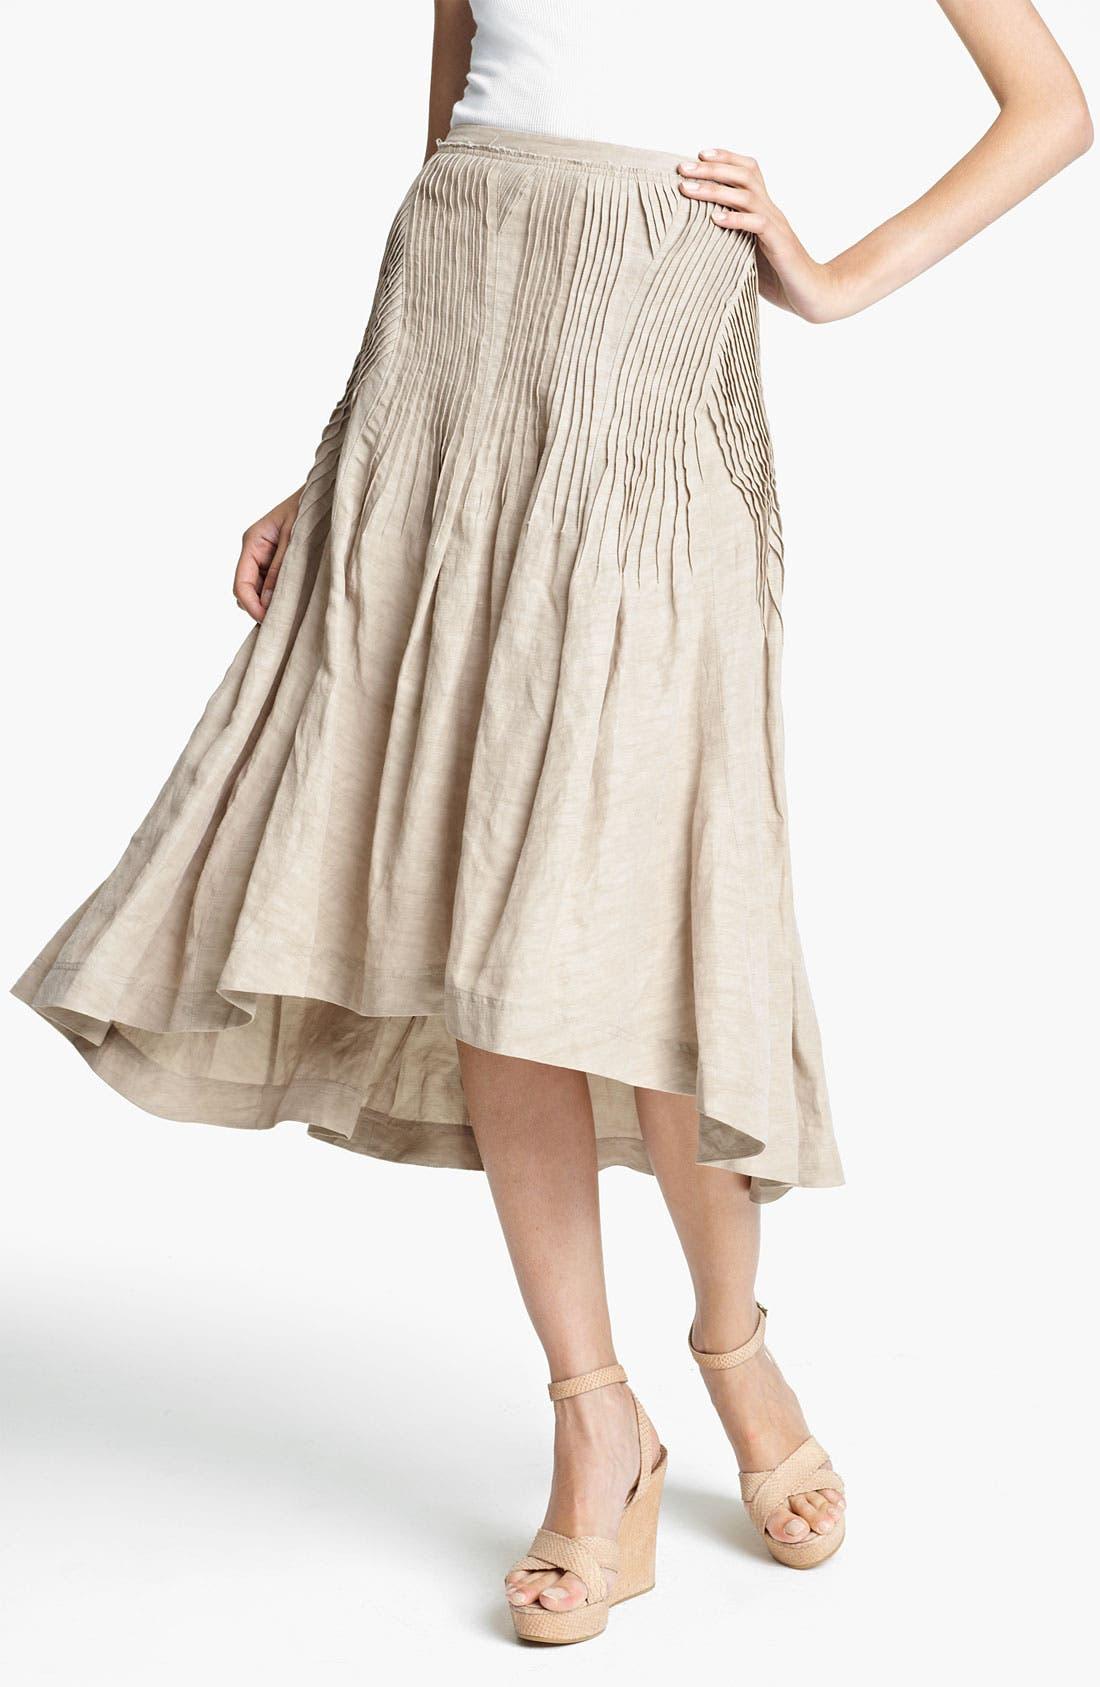 Alternate Image 1 Selected - Donna Karan Collection Pintuck Linen Blend Skirt